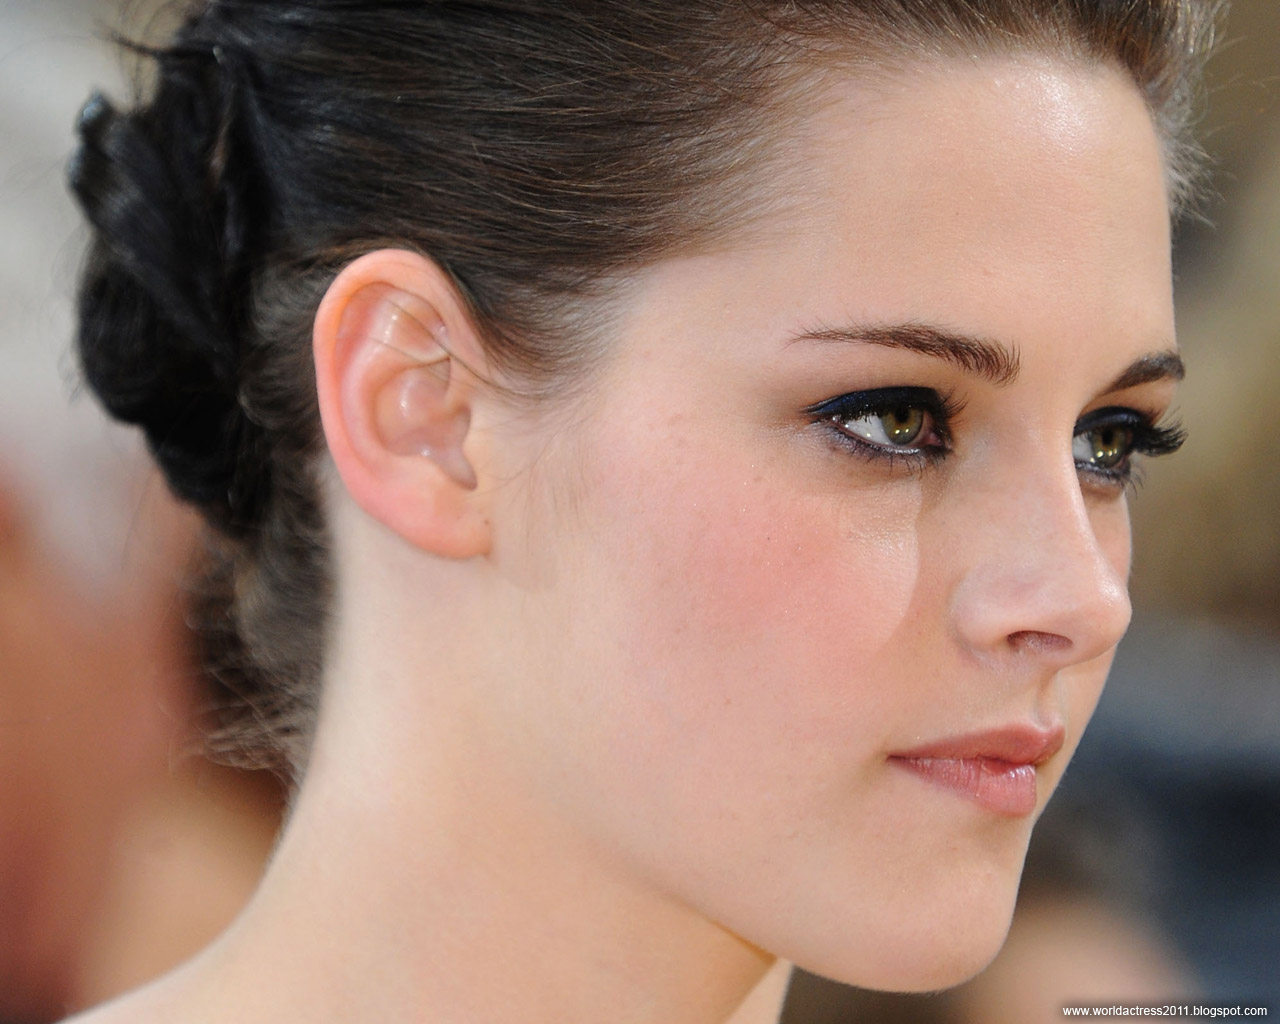 http://3.bp.blogspot.com/_ynR6cm9boNo/TRKtMCELvVI/AAAAAAAAAHM/h_On7RIvLB8/s1600/World+Actress+2011+Kristen+Stewart+55.jpg